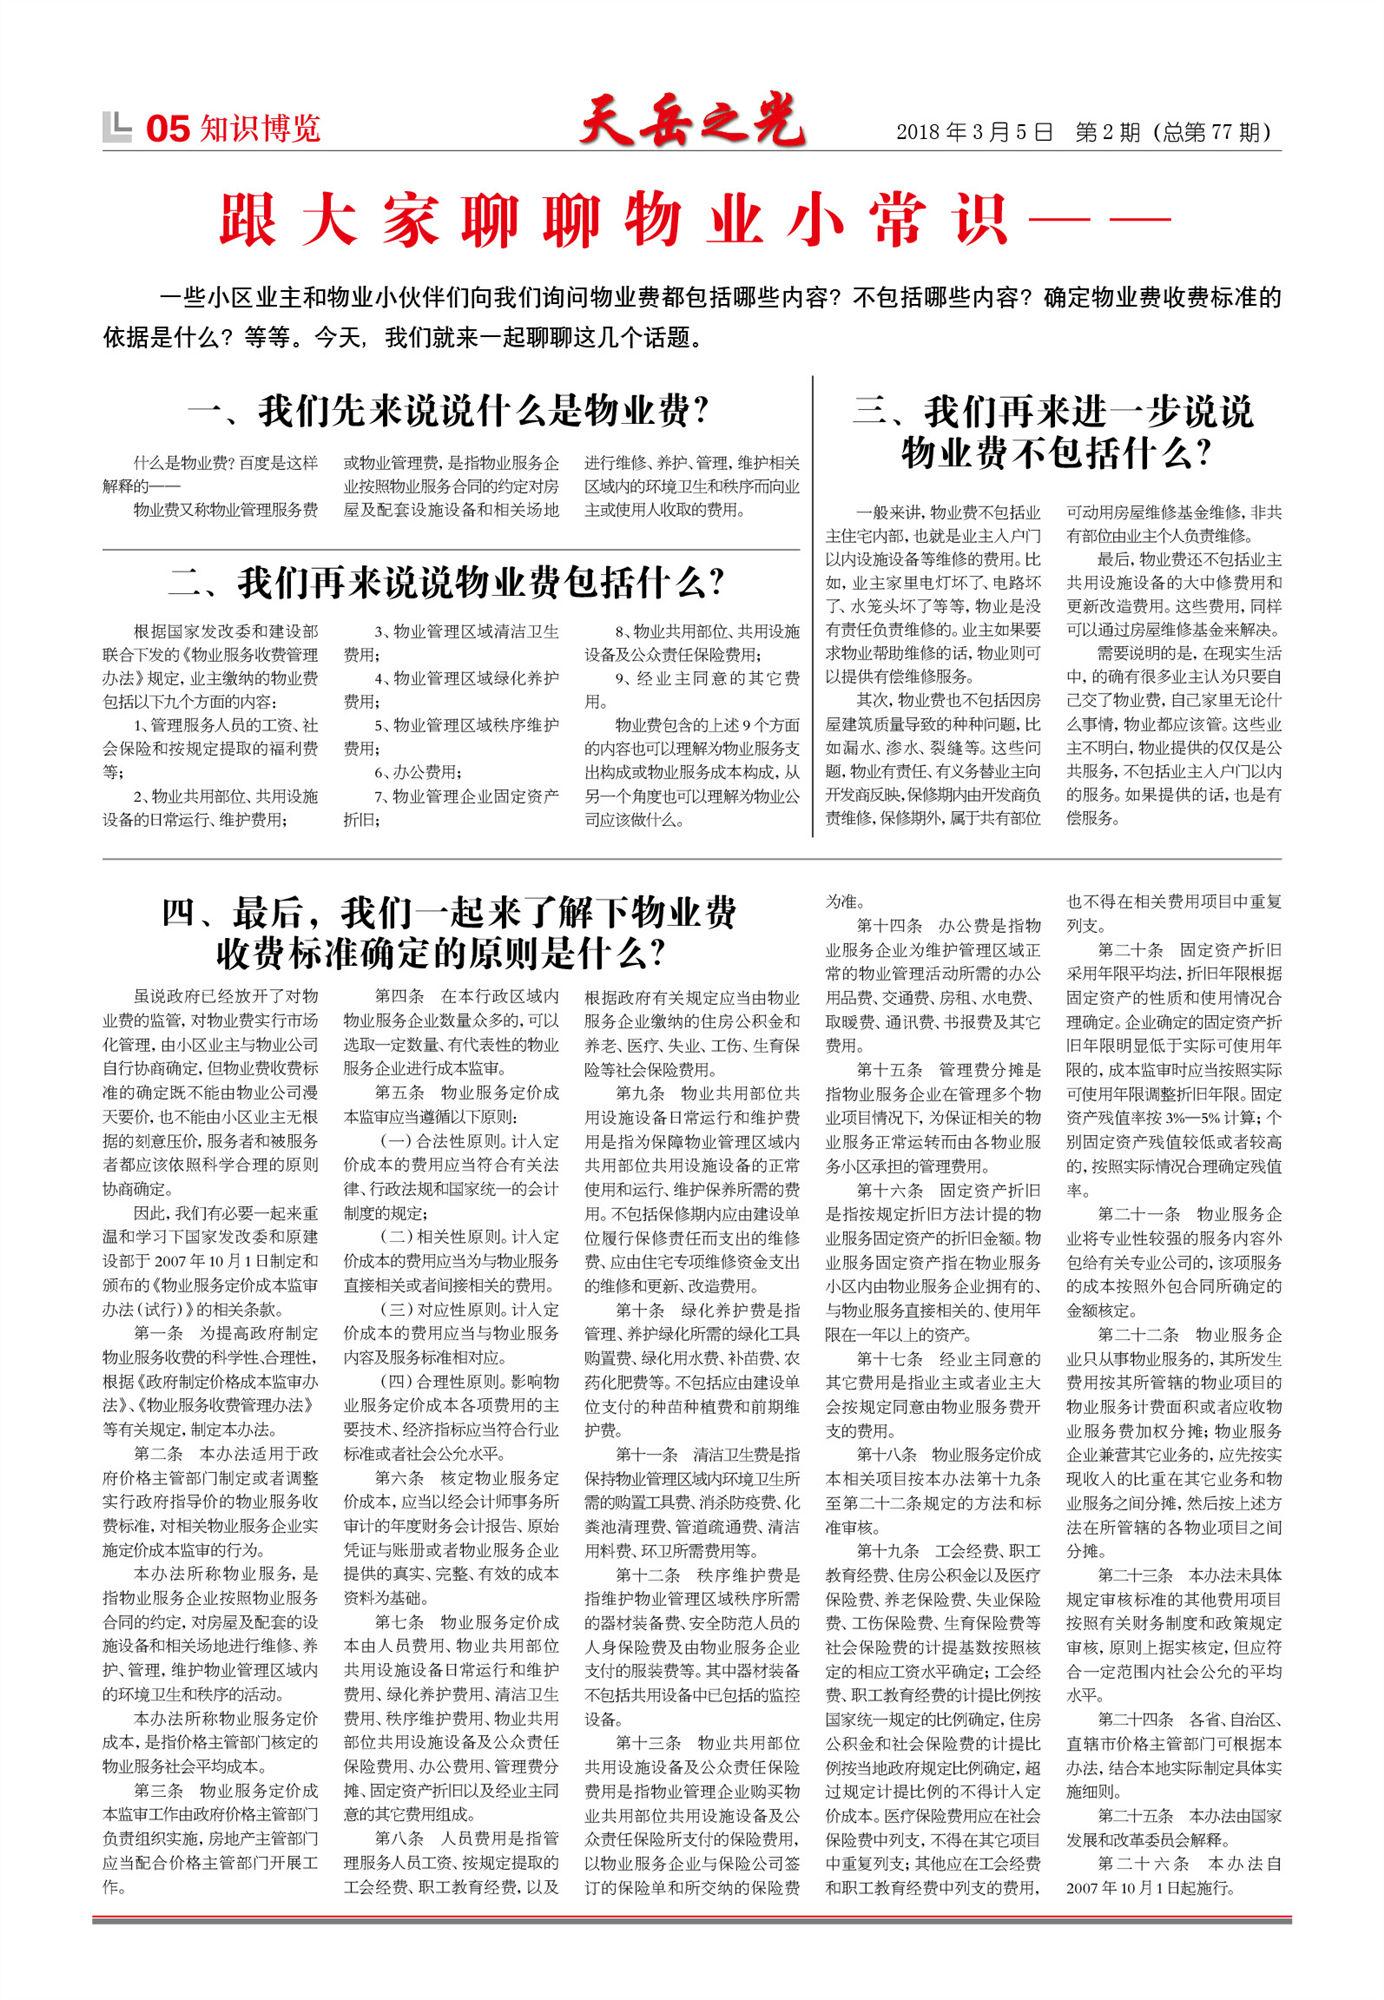 2-大赢家棋牌官网2月报纸最终5